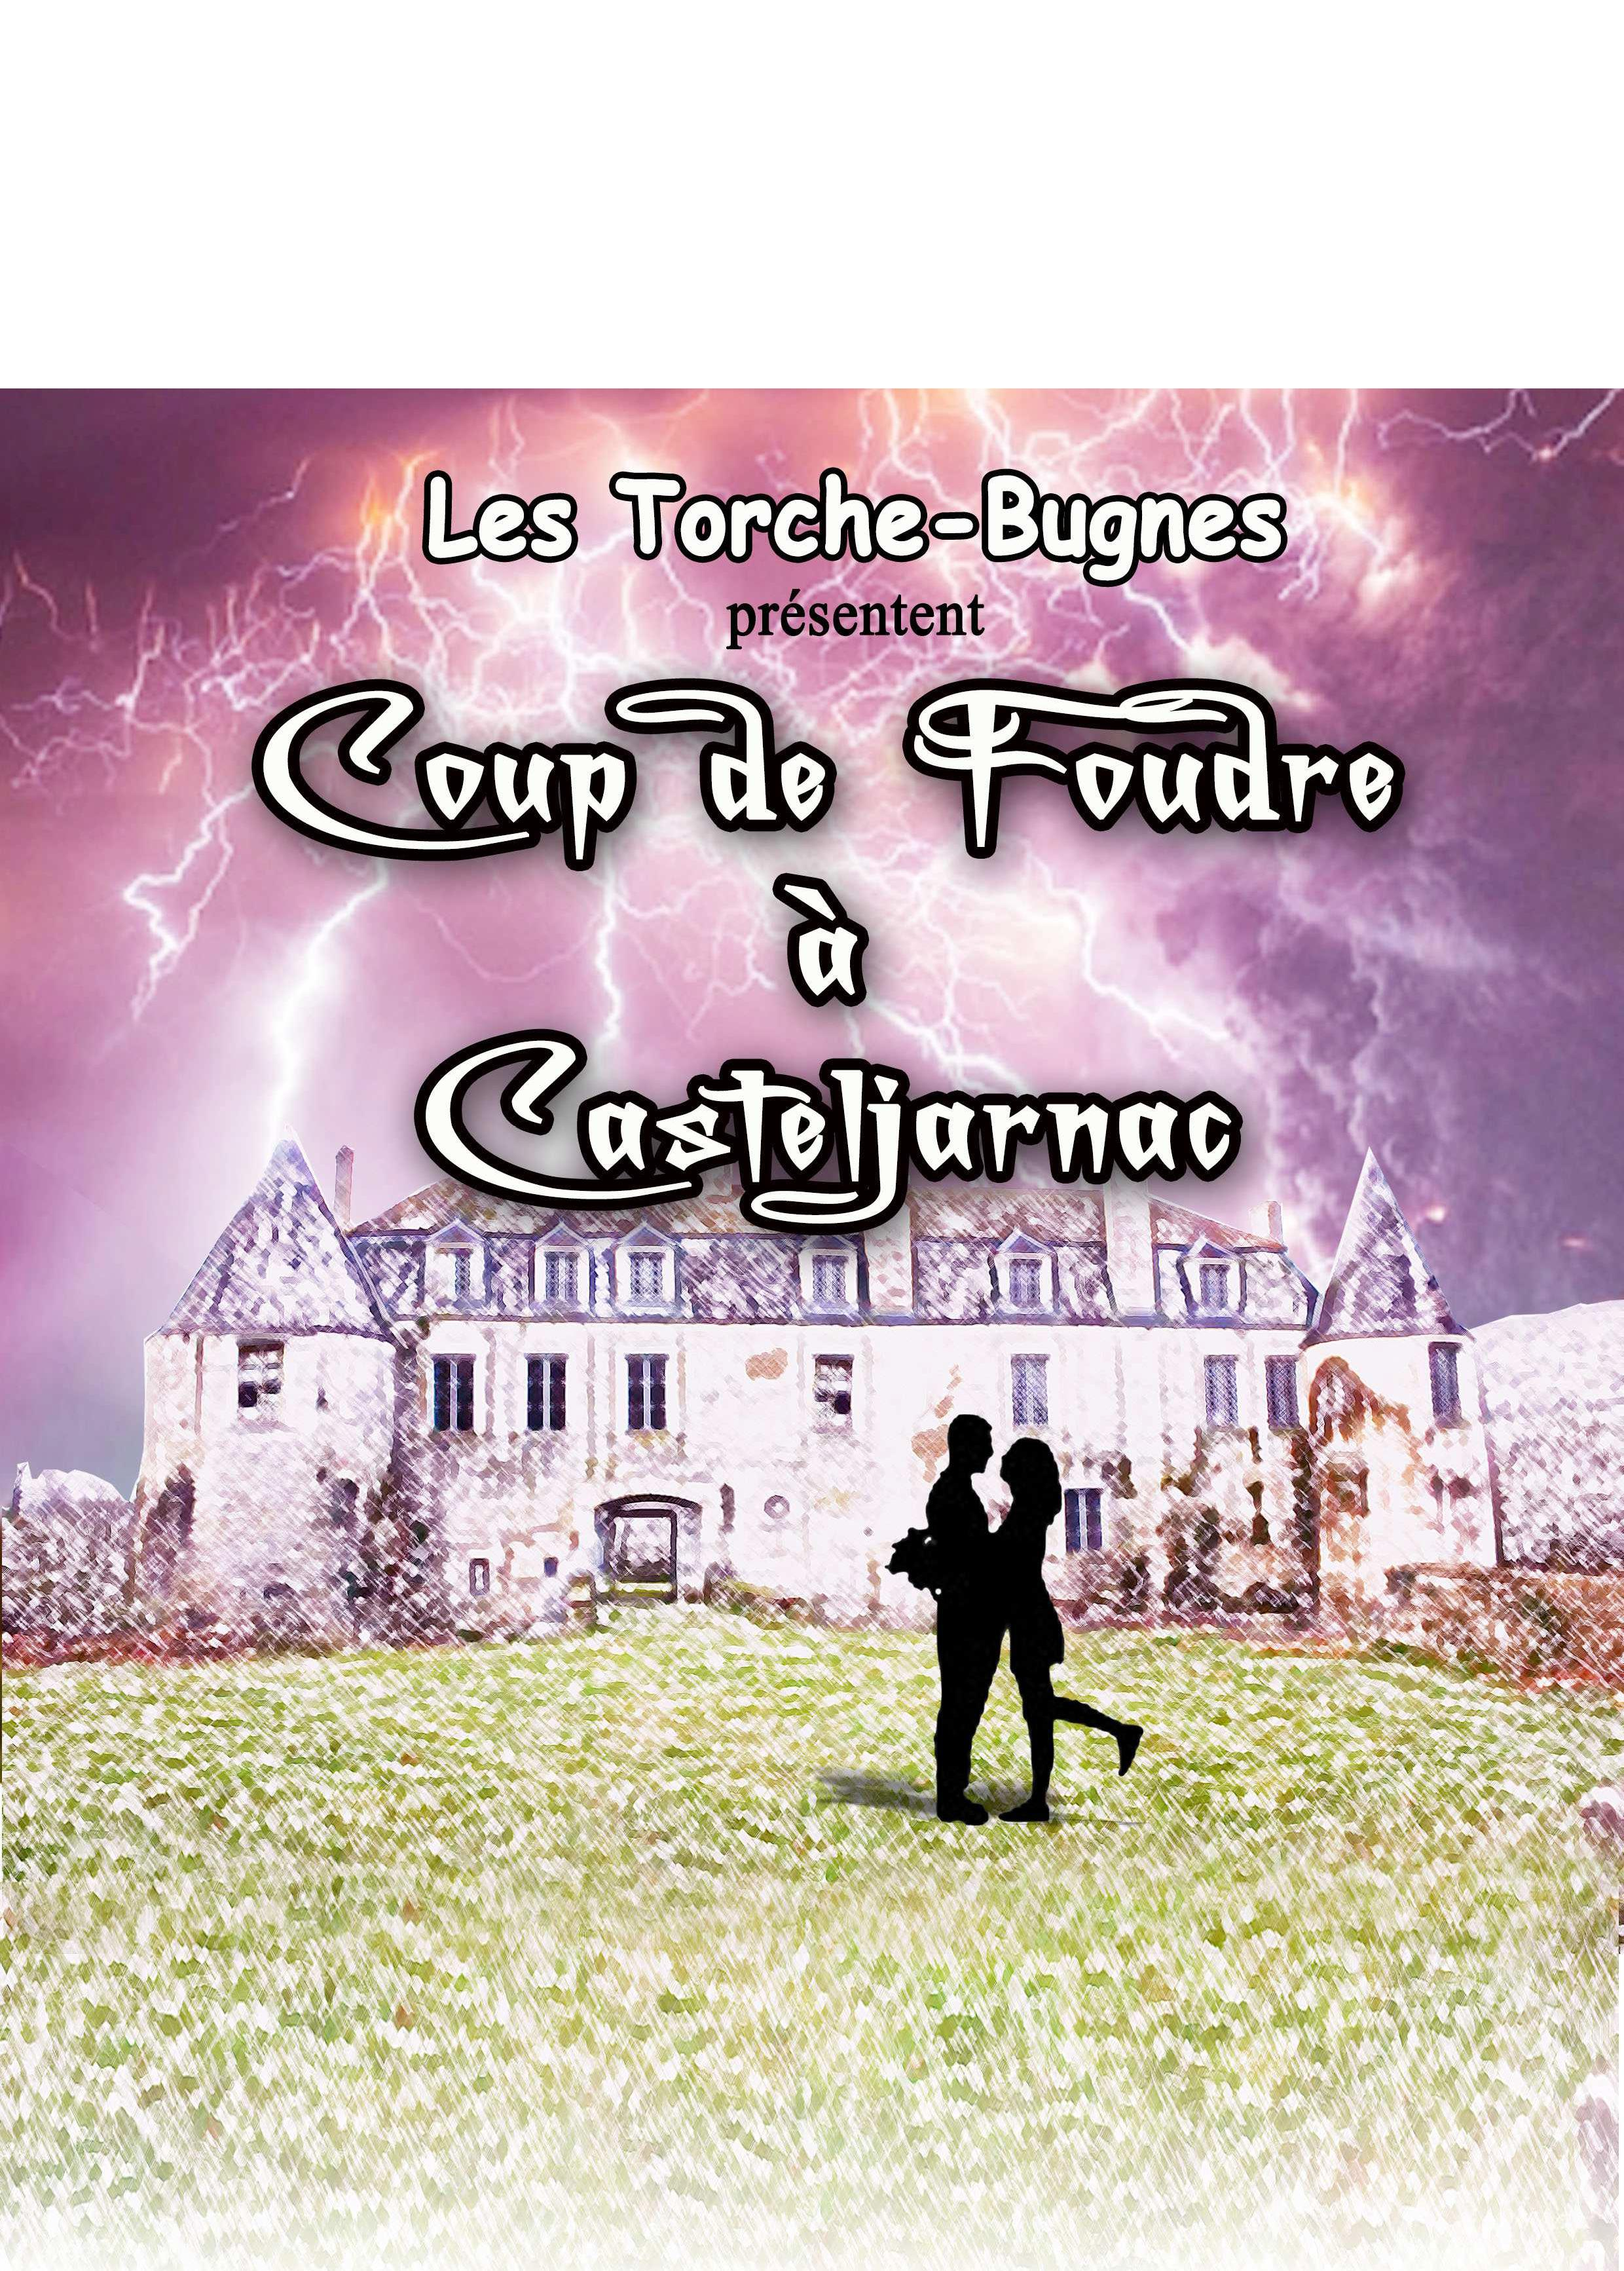 Coup de Foudre a Casteljarnac